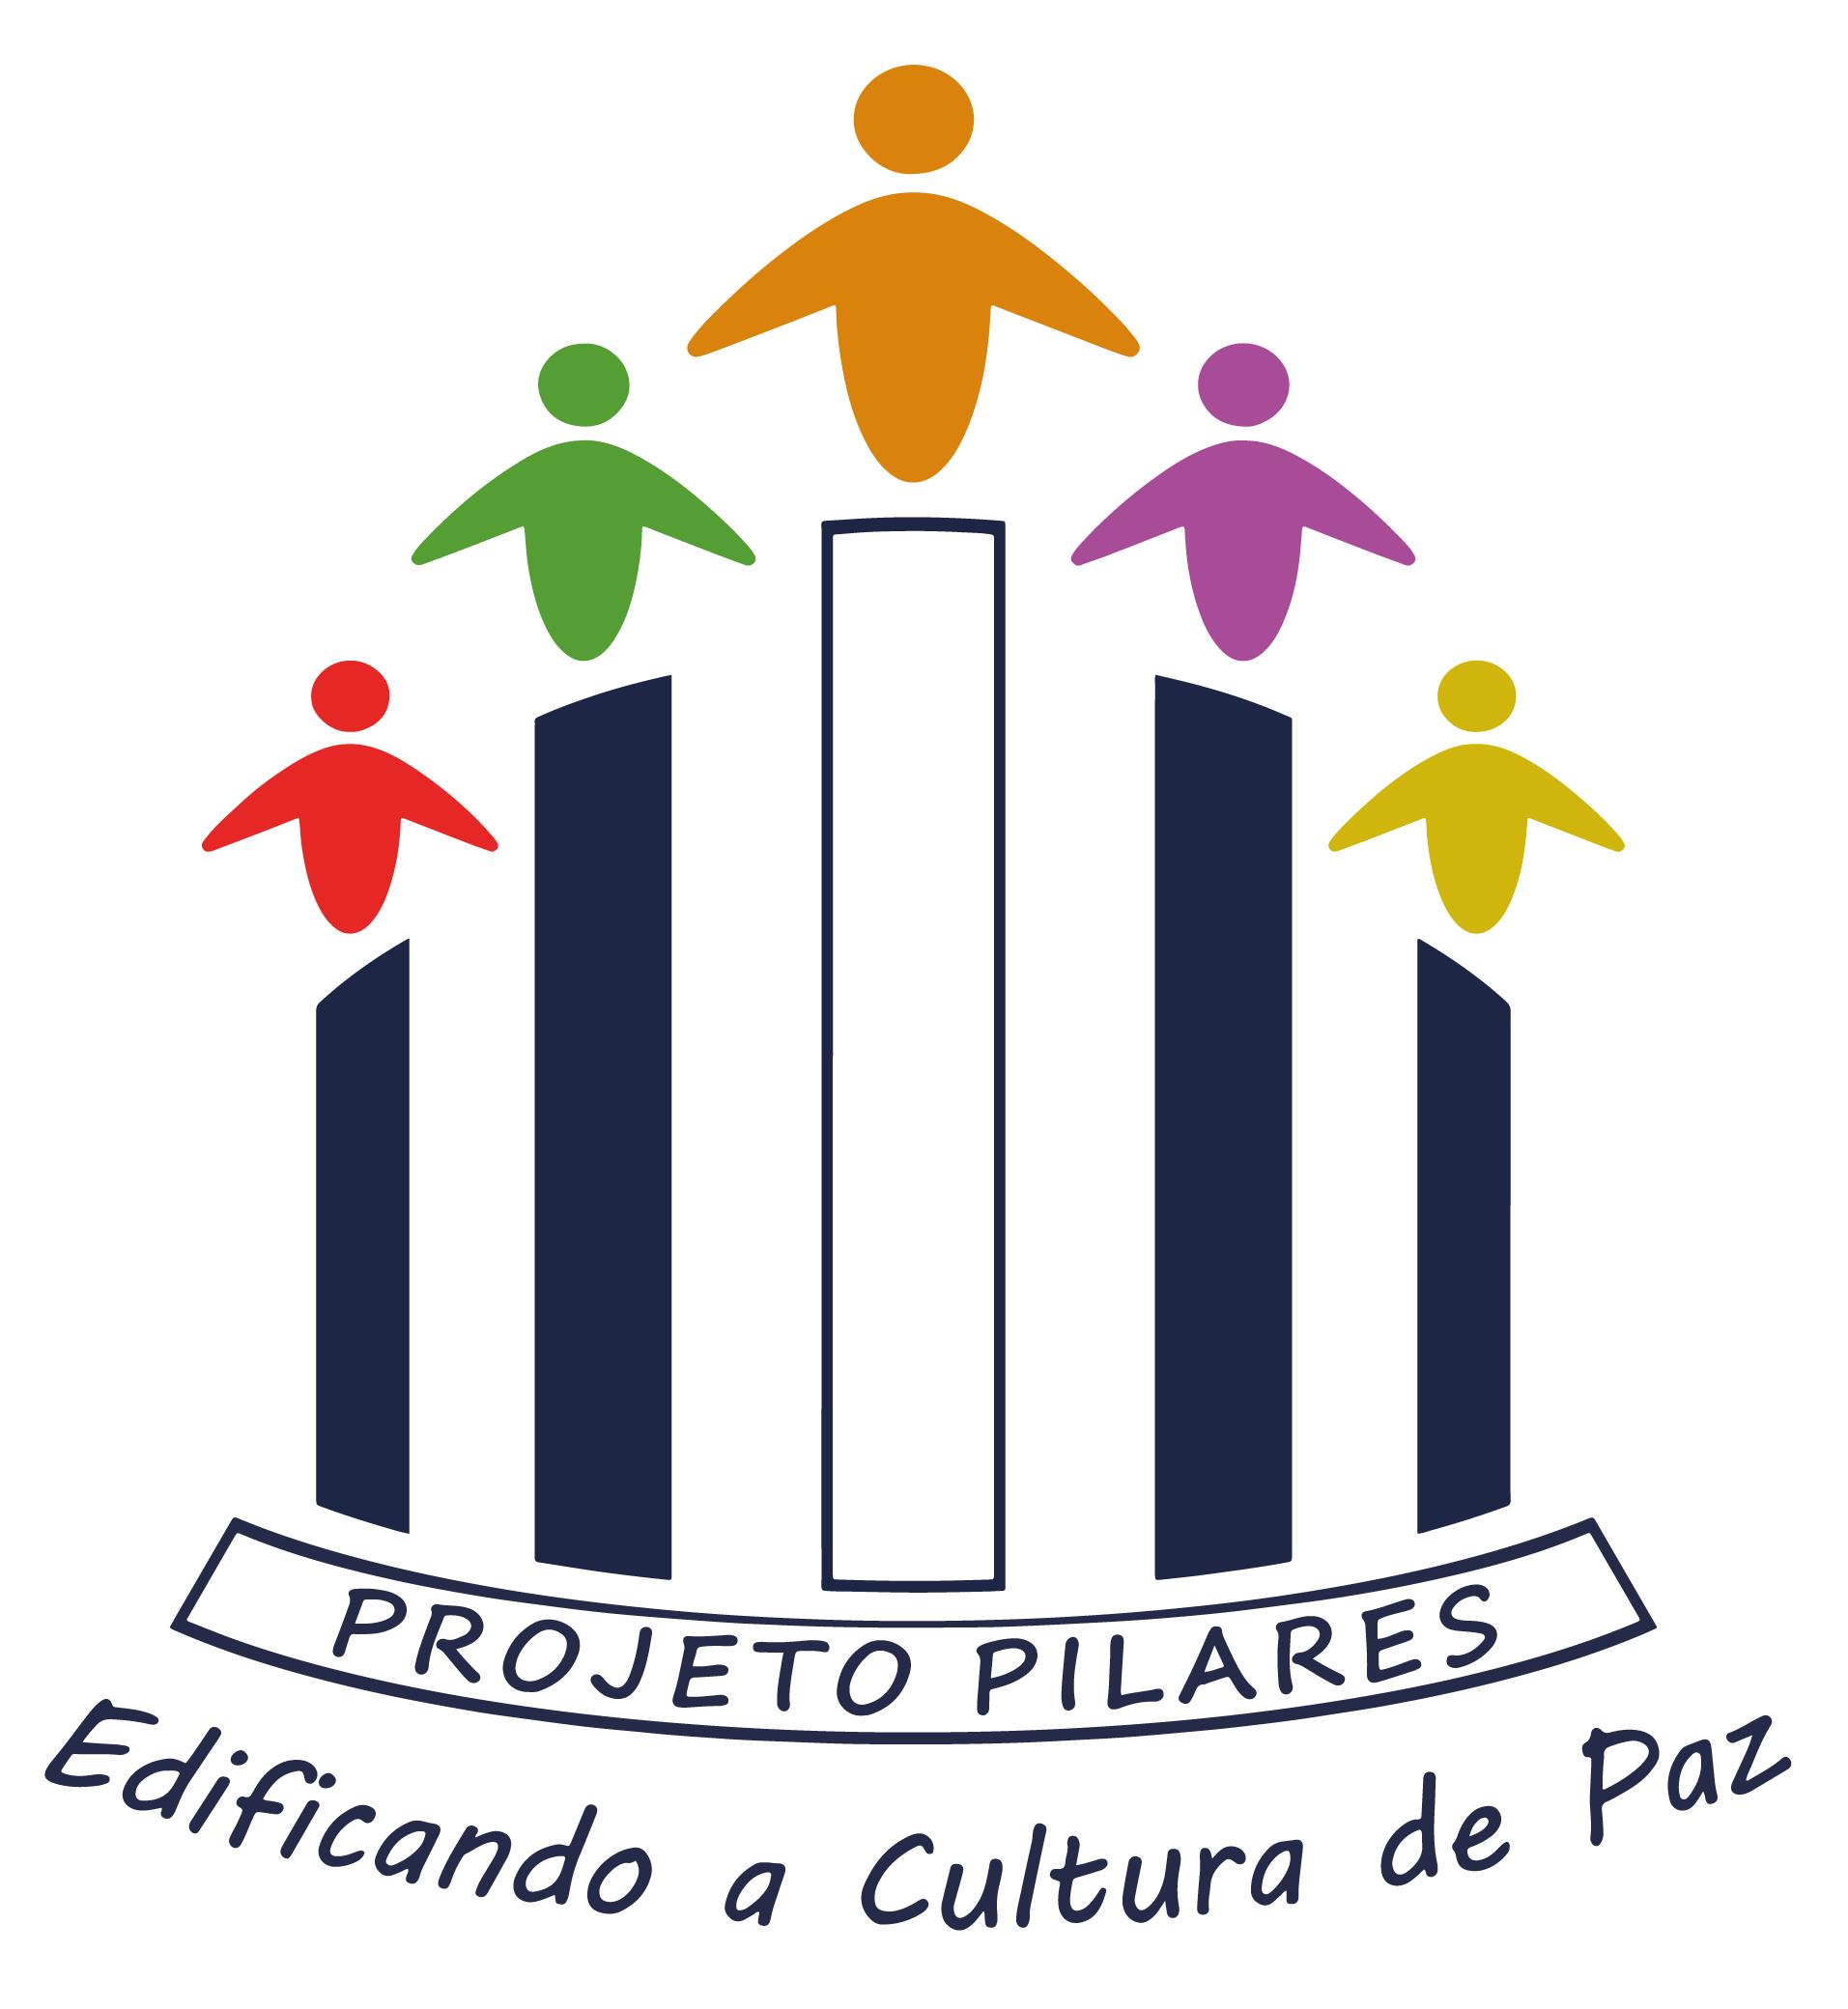 Course Image Formação de Facilitadores em Círculos de Justiça Restaurativa e Construção de Paz do Projeto Pilares - ETAPA EAD TURMAS 1 e 2